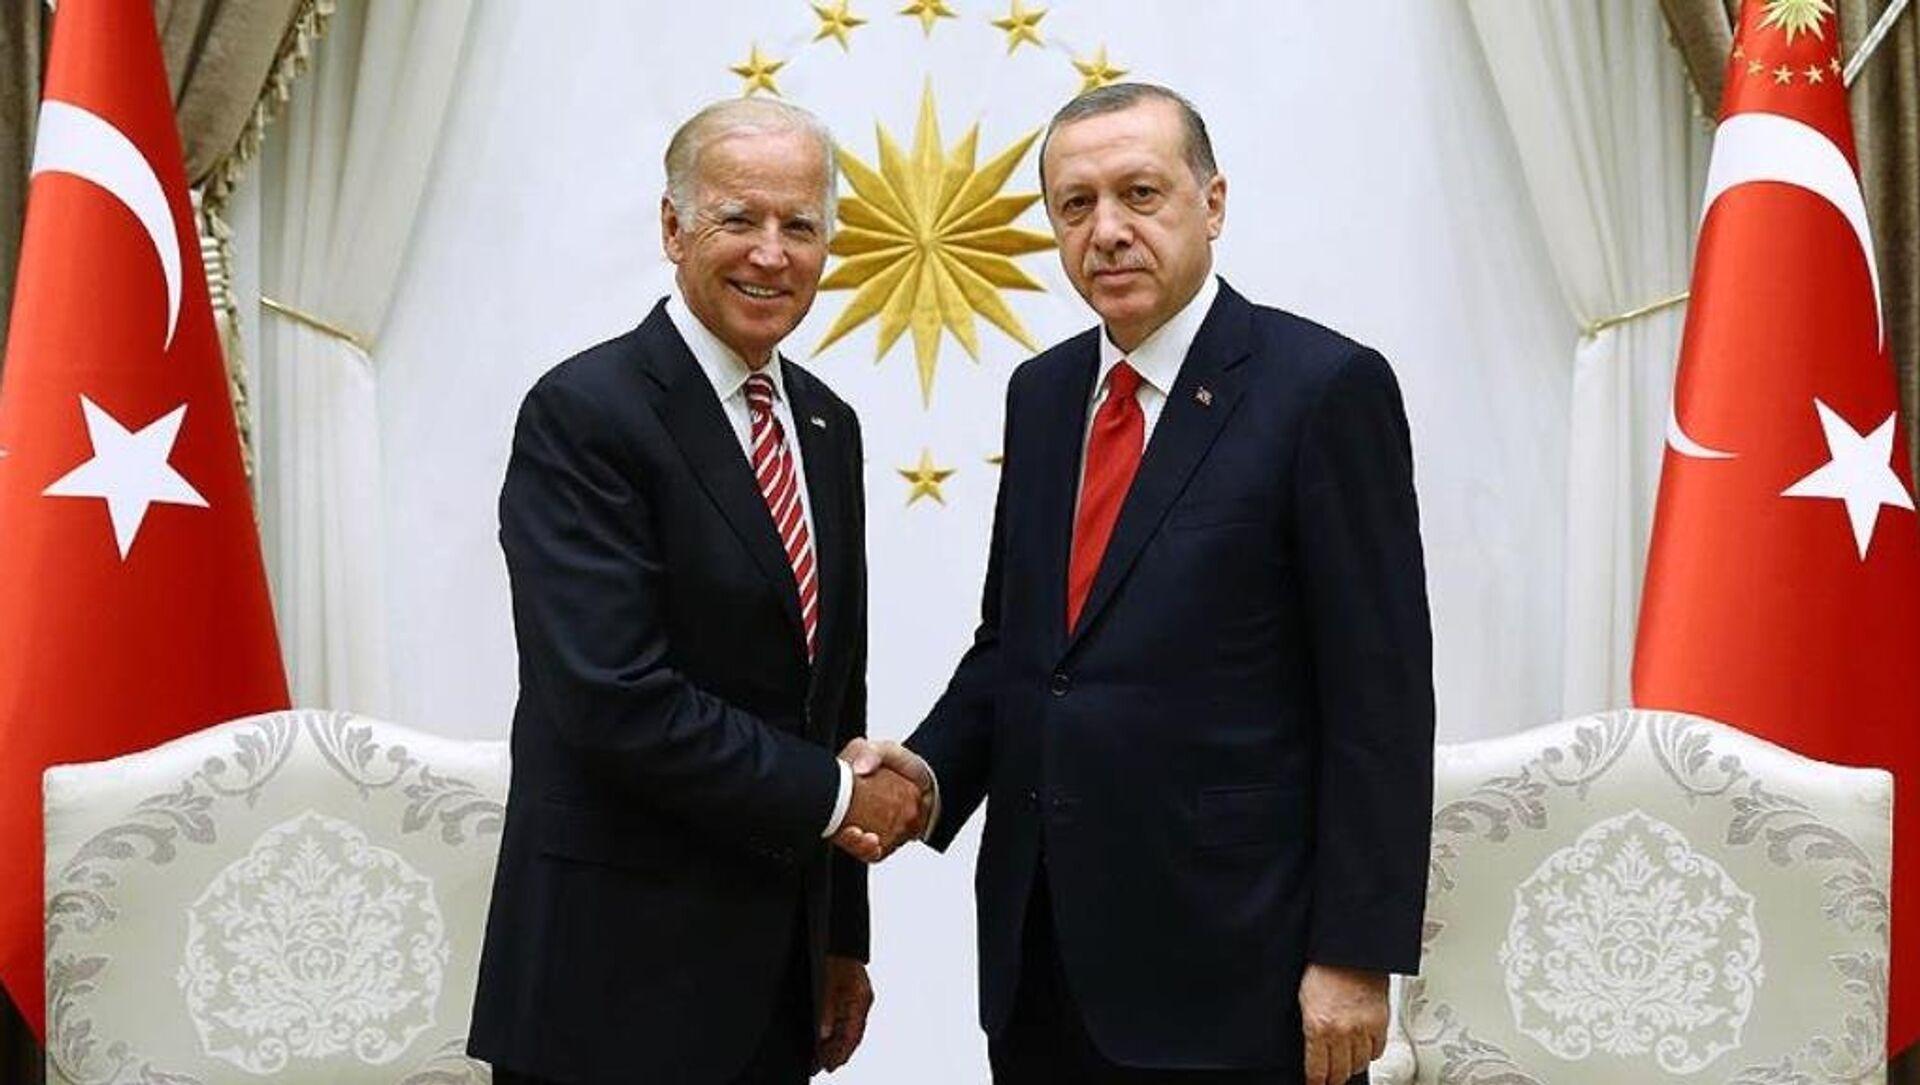 Joe Biden ve Recep Tayyip Erdoğan - Sputnik Türkiye, 1920, 26.04.2021